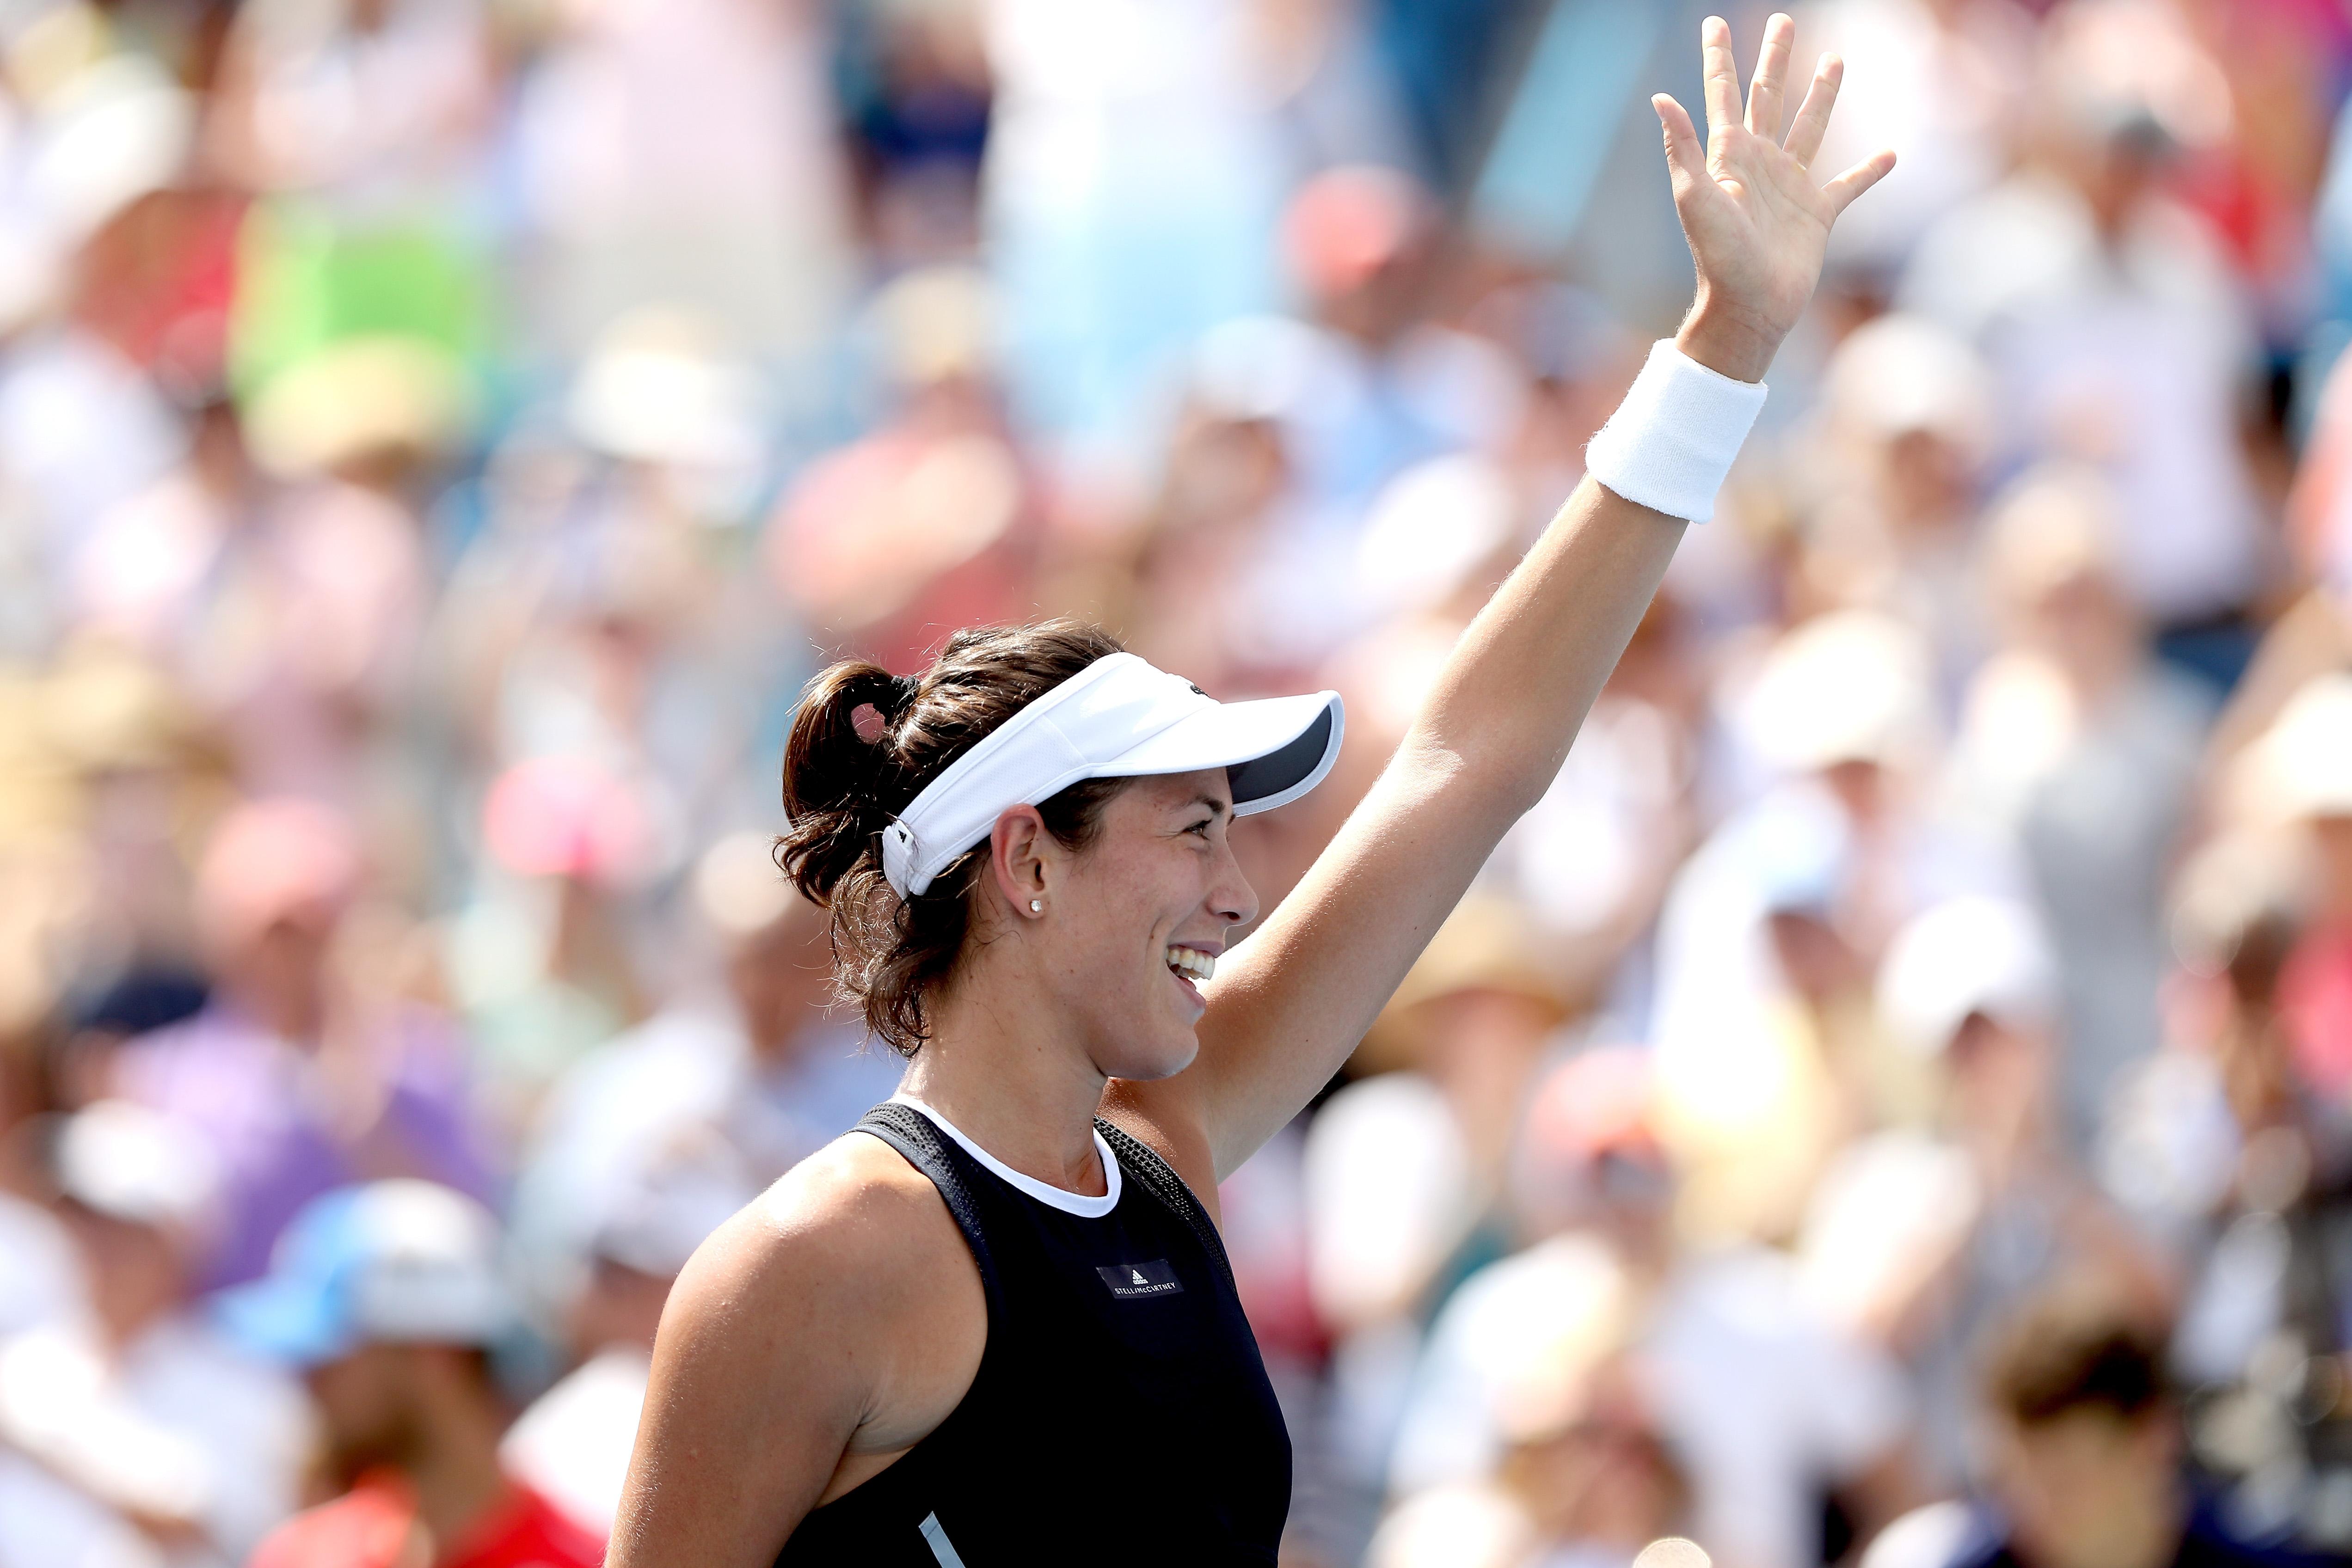 Cincinnati | Garbine Muguruza thrashes Simona Halep in final